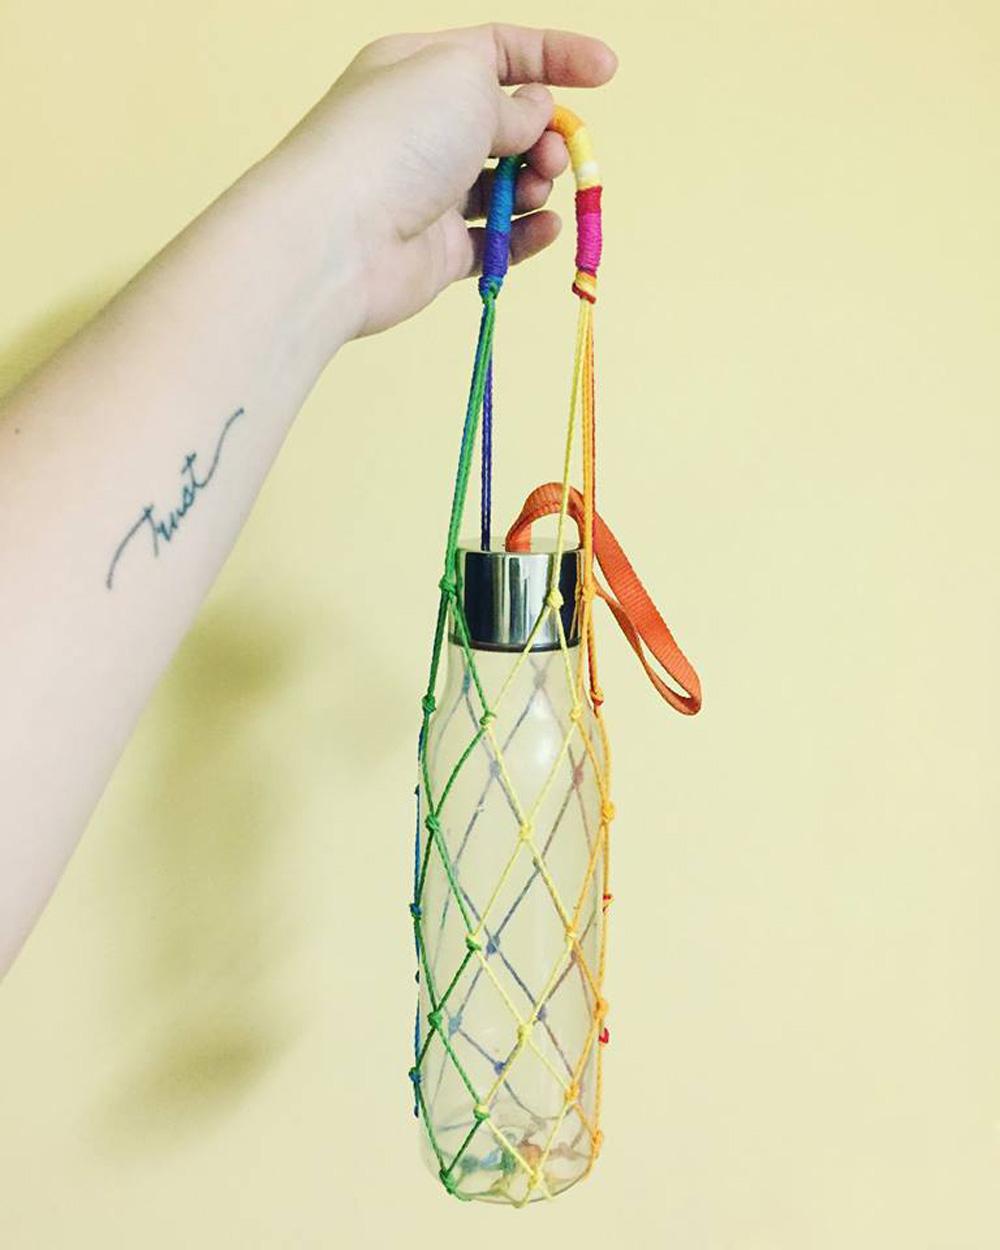 選物》彩虹結網袋,讓我們一起友善環境